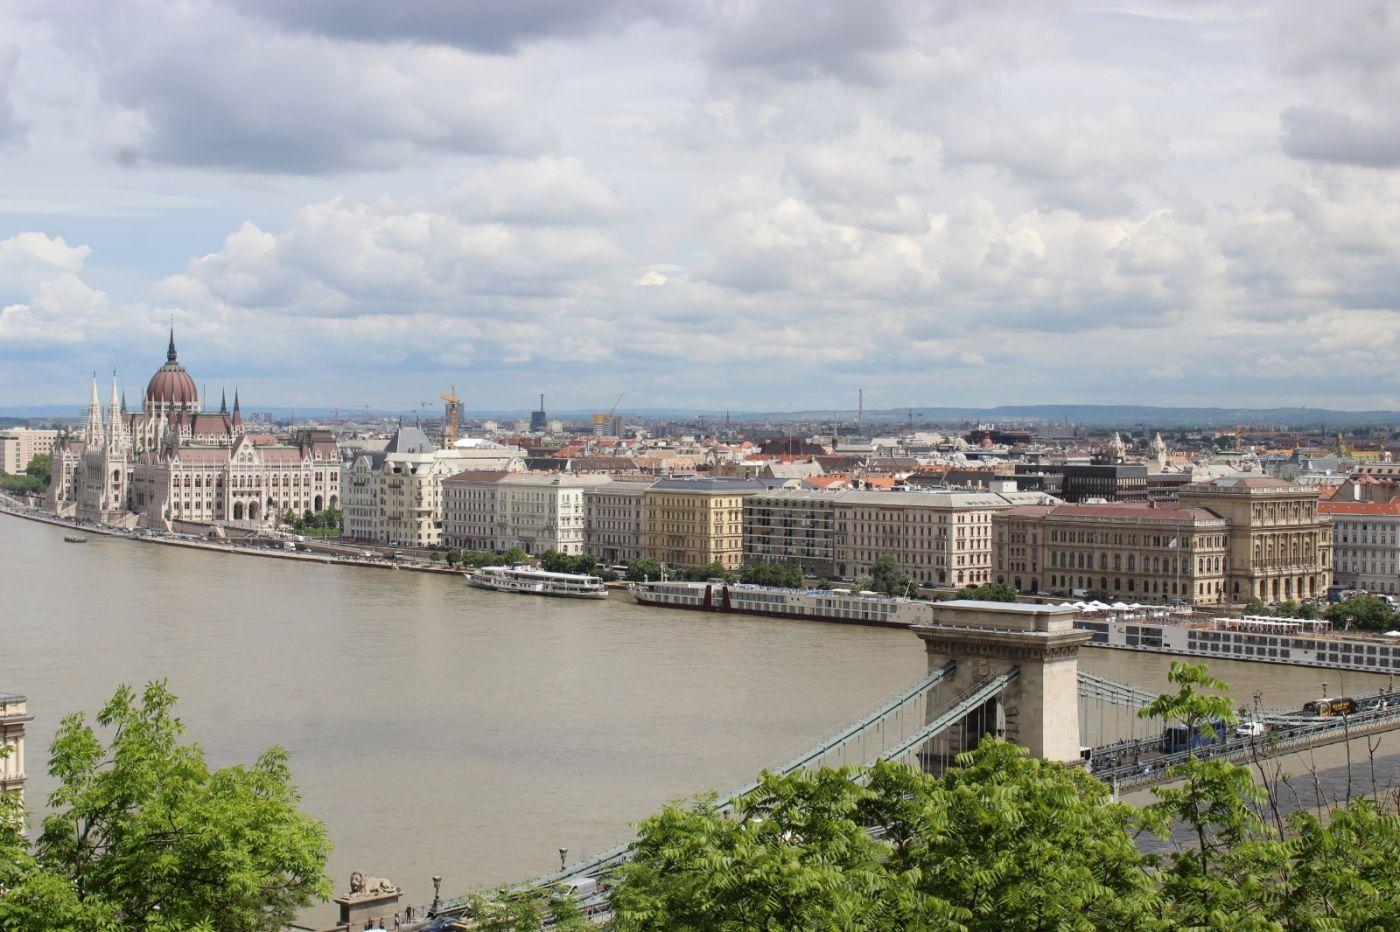 布达佩斯之印象_图1-34